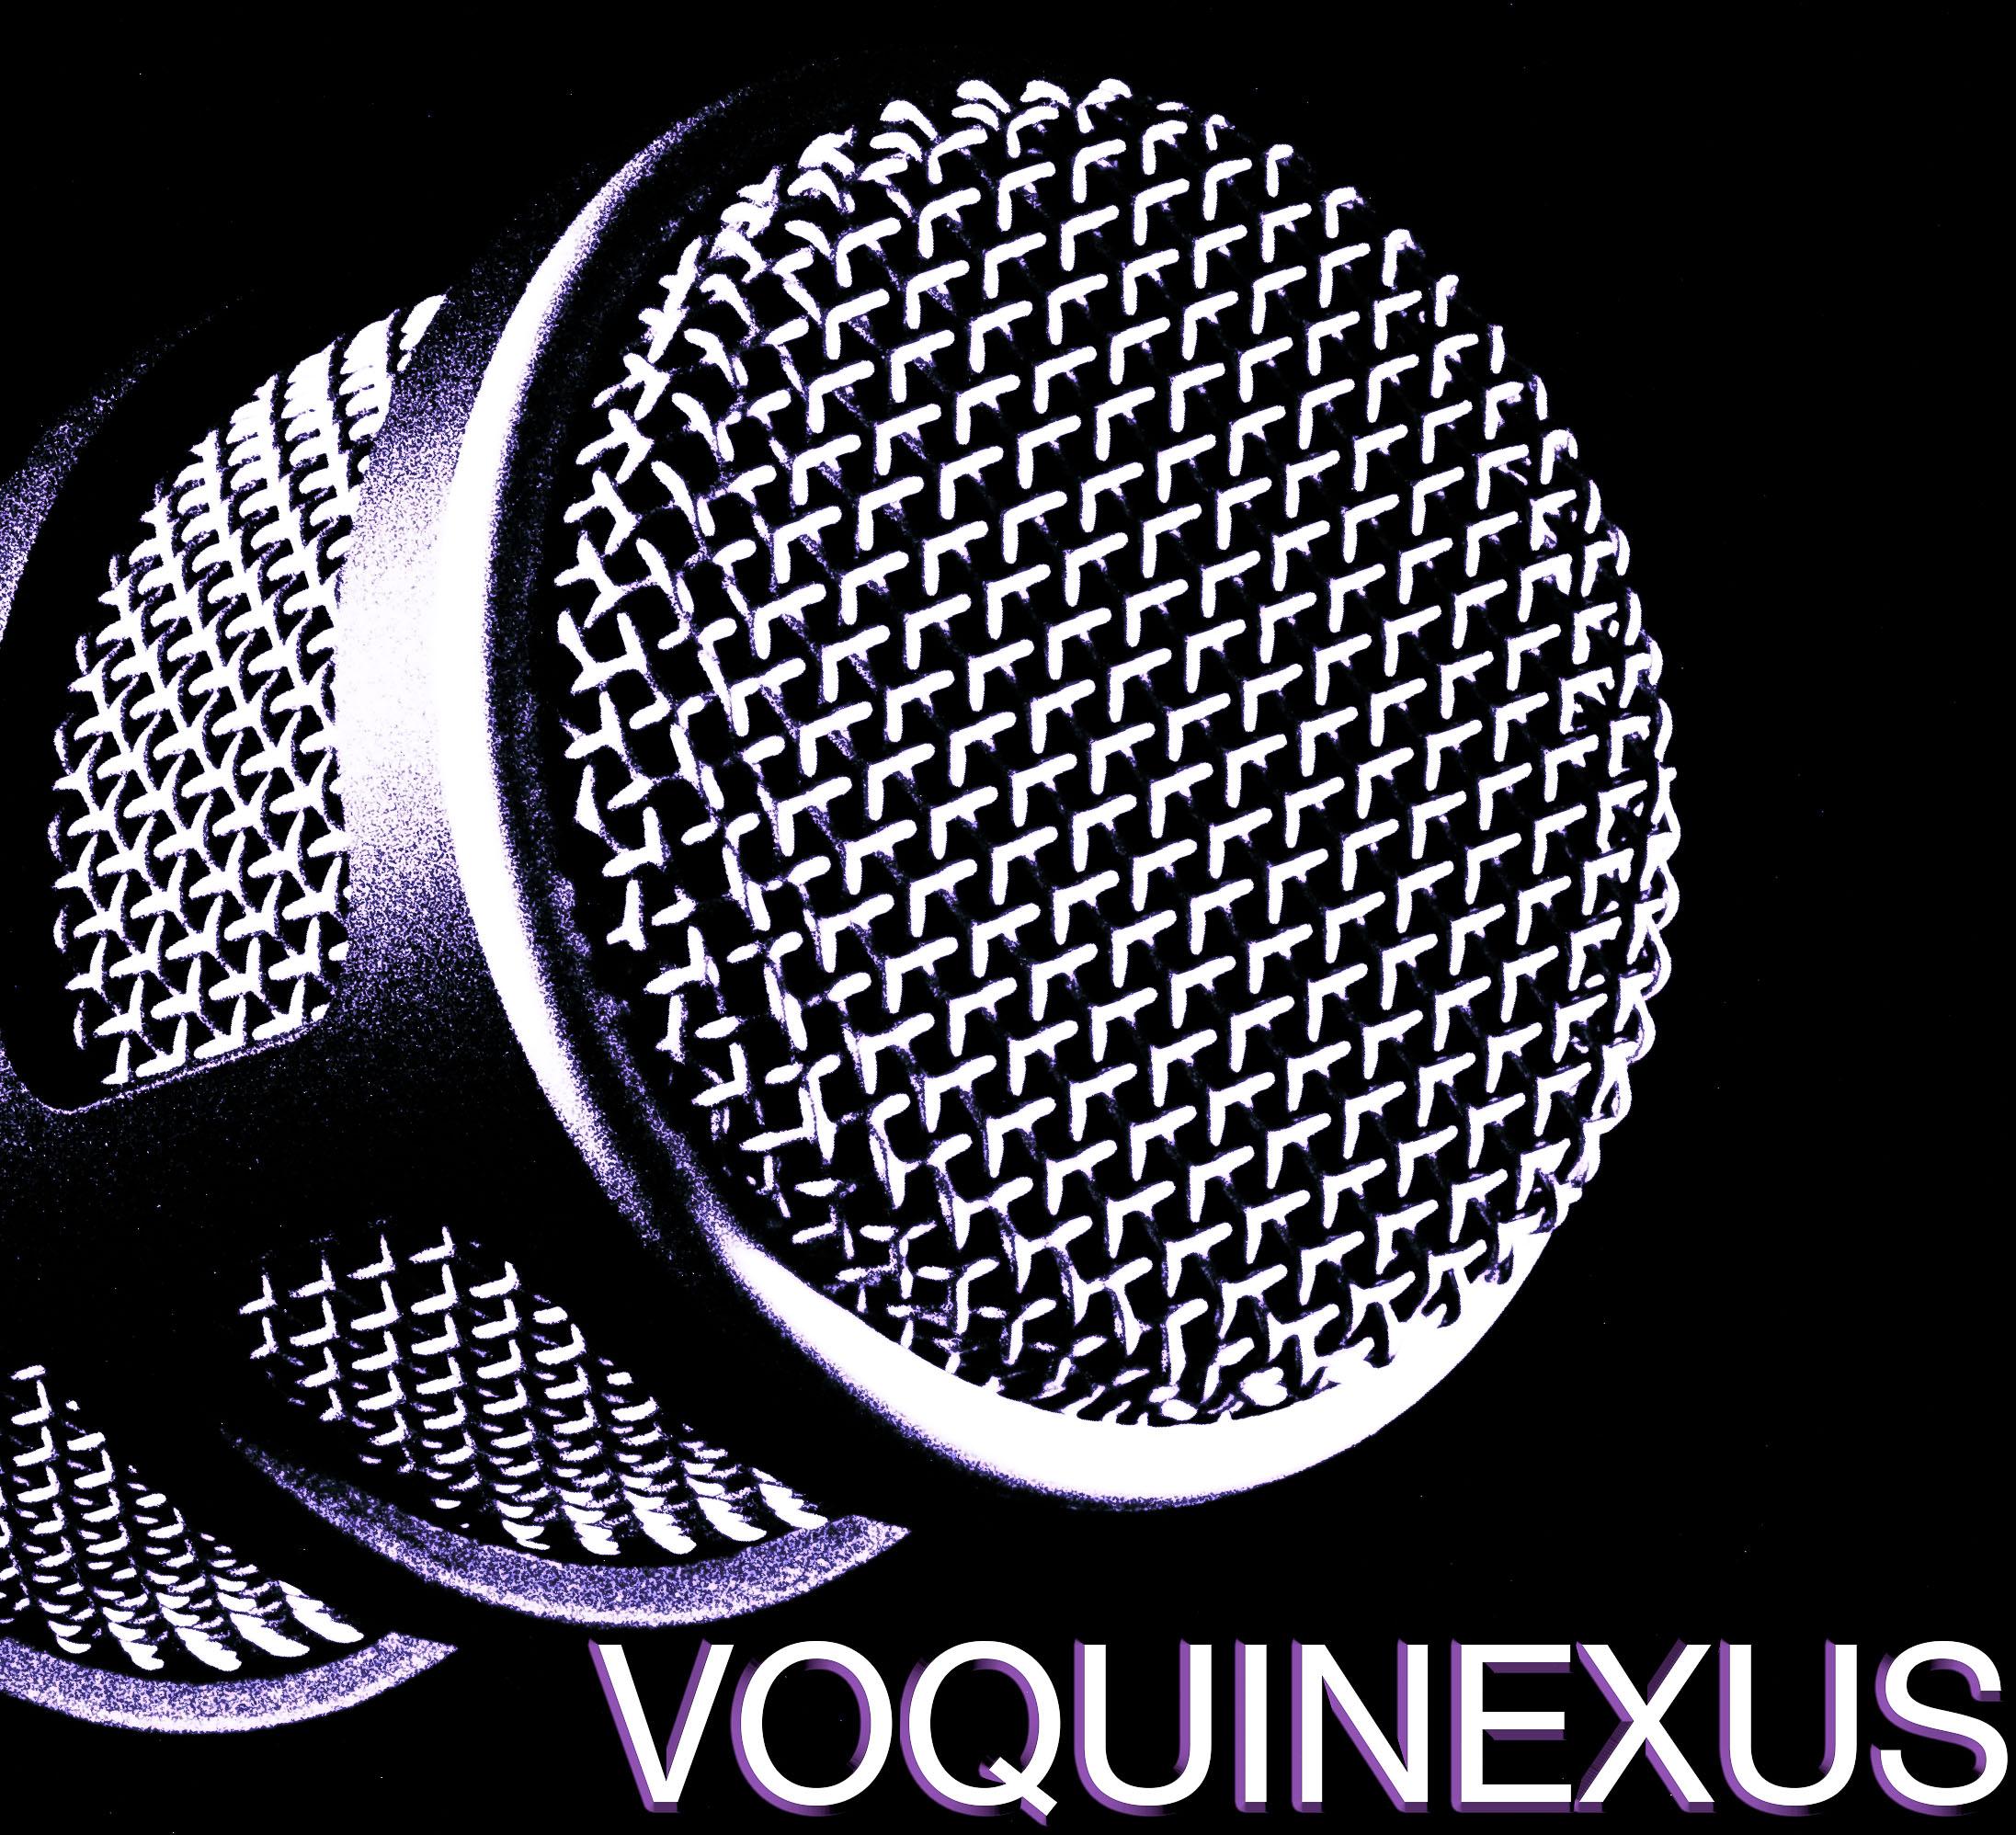 VQX logo nr monochrome (1 of 1).jpg